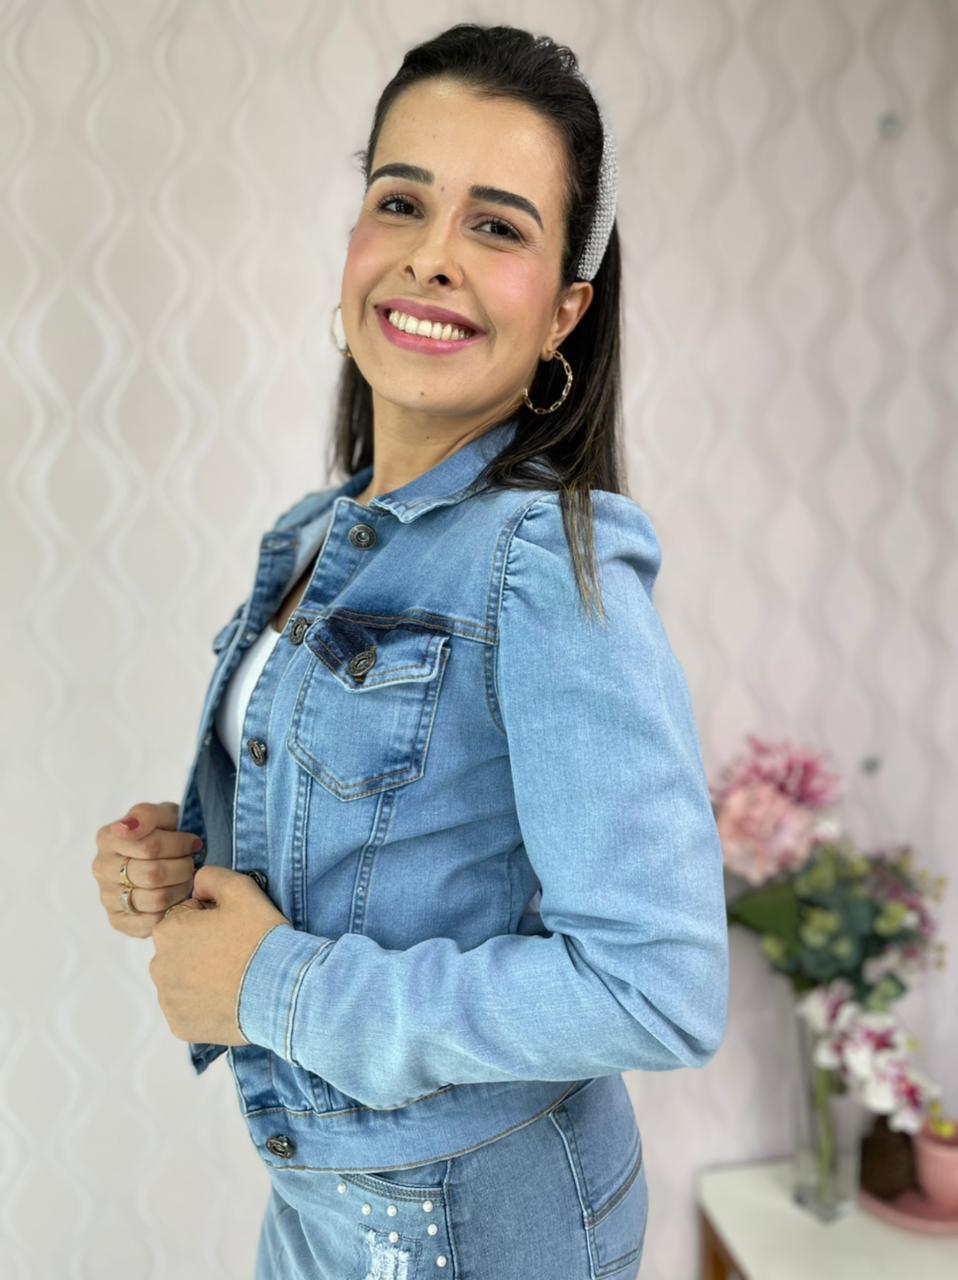 JAQUETA CECYTHA MODAS ALANNA JEANS CLARA MODA EVANGÉLICA